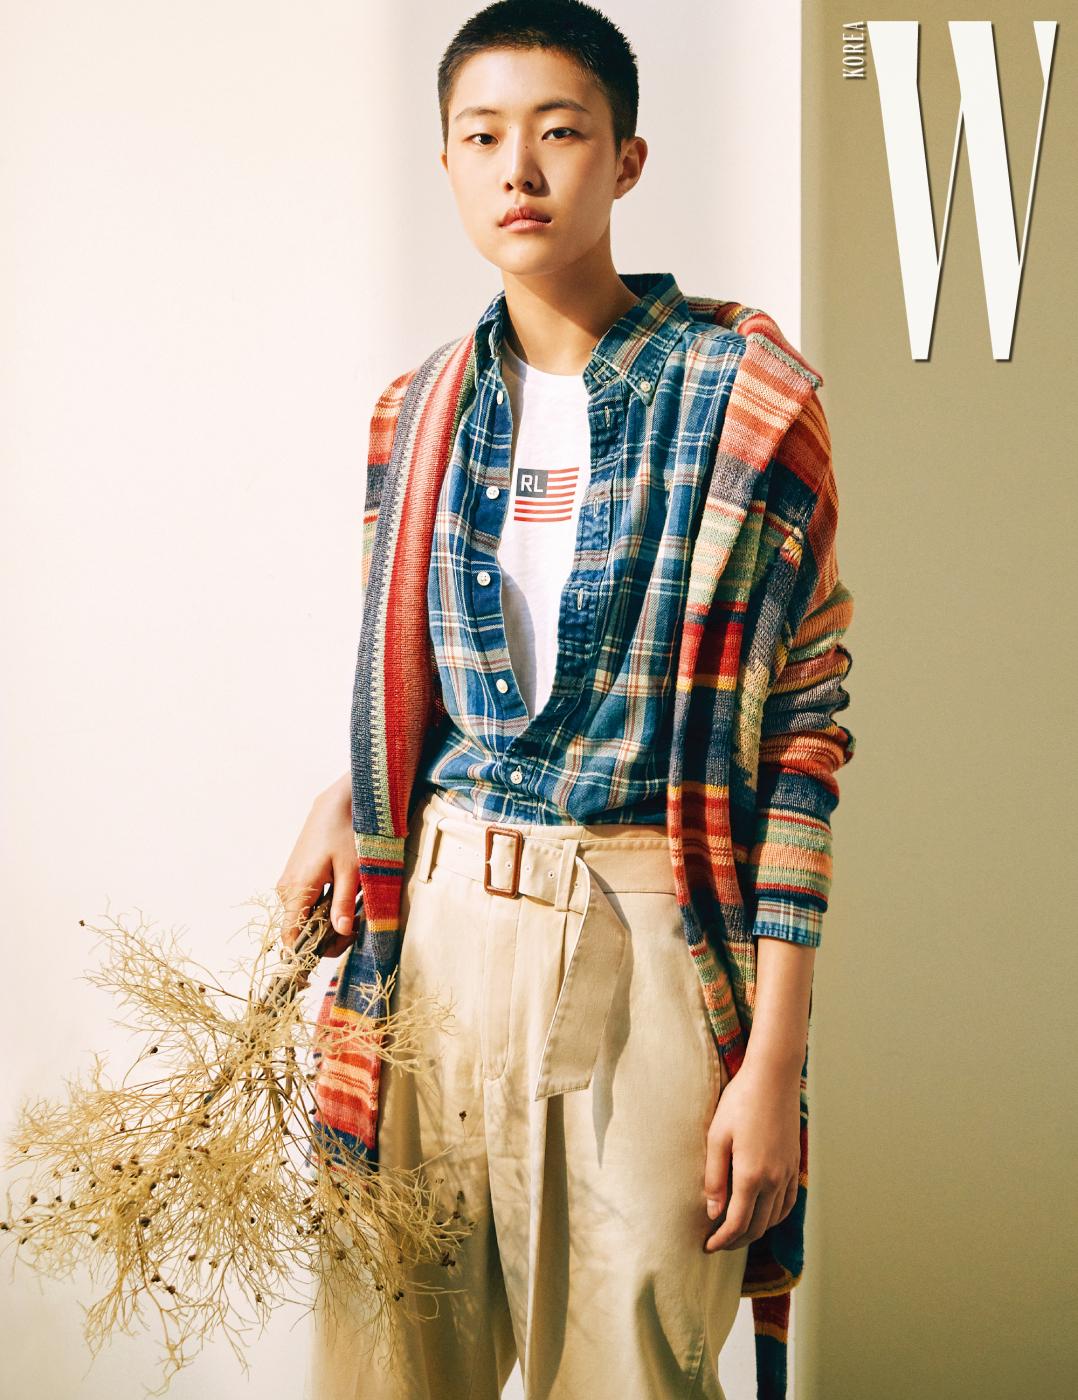 빈티지 워싱 컬러 스웨터, 체크무늬 셔츠, 티셔츠, 팬츠는 모두 PoloRalph Lauren 제품.